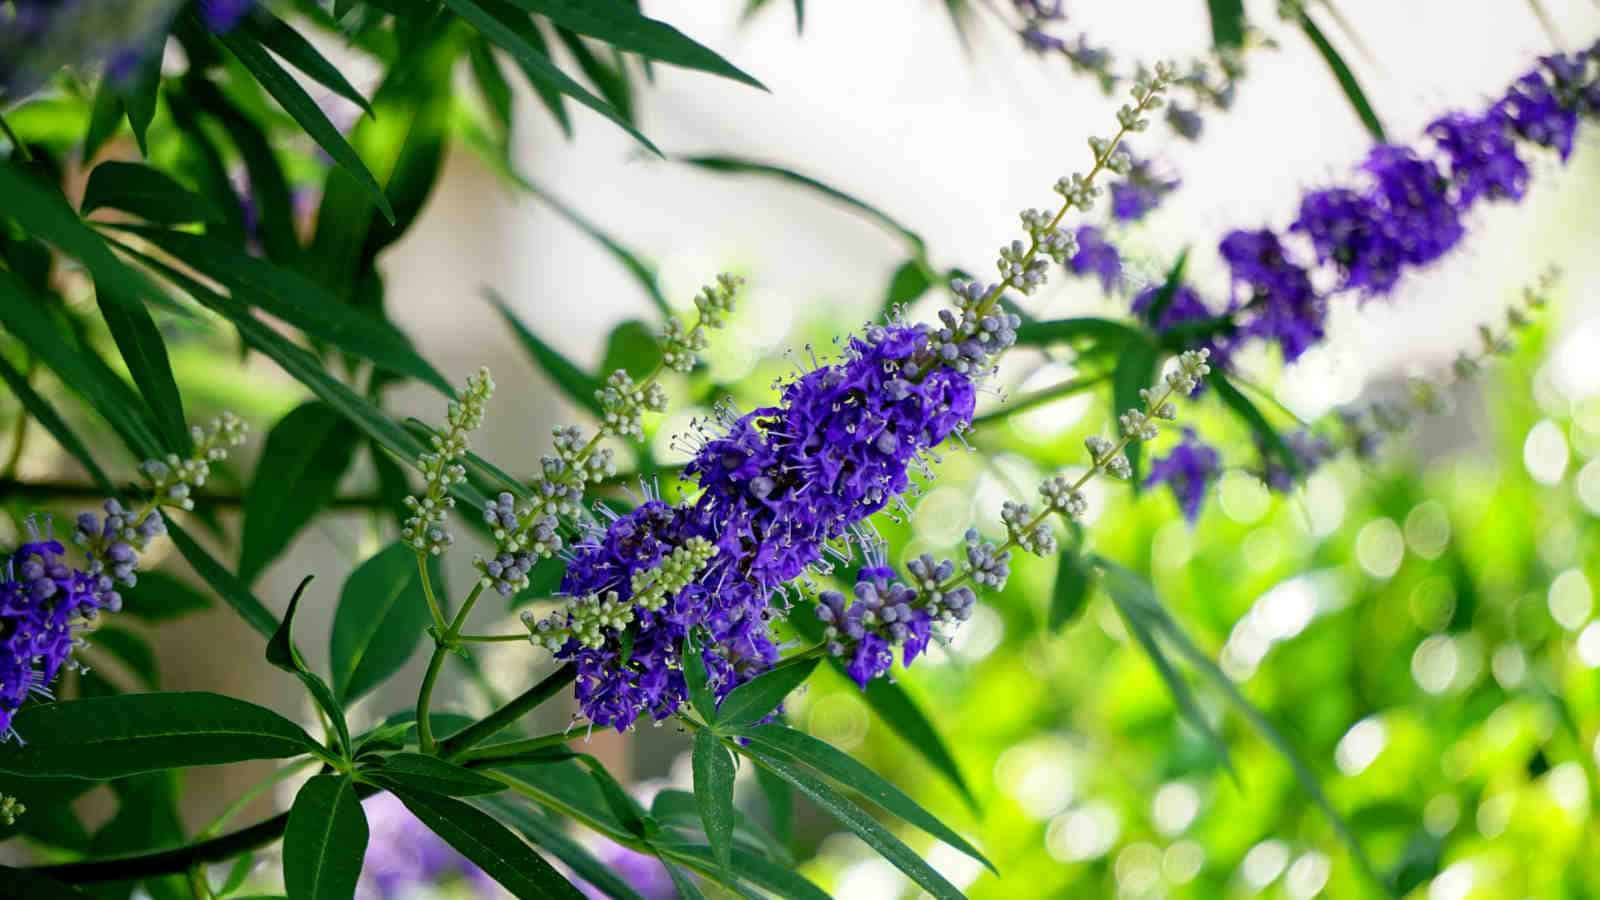 Mönchspfeffer- Die Wunderpflanze bei Frauenleid | Tipps & Ratgeber